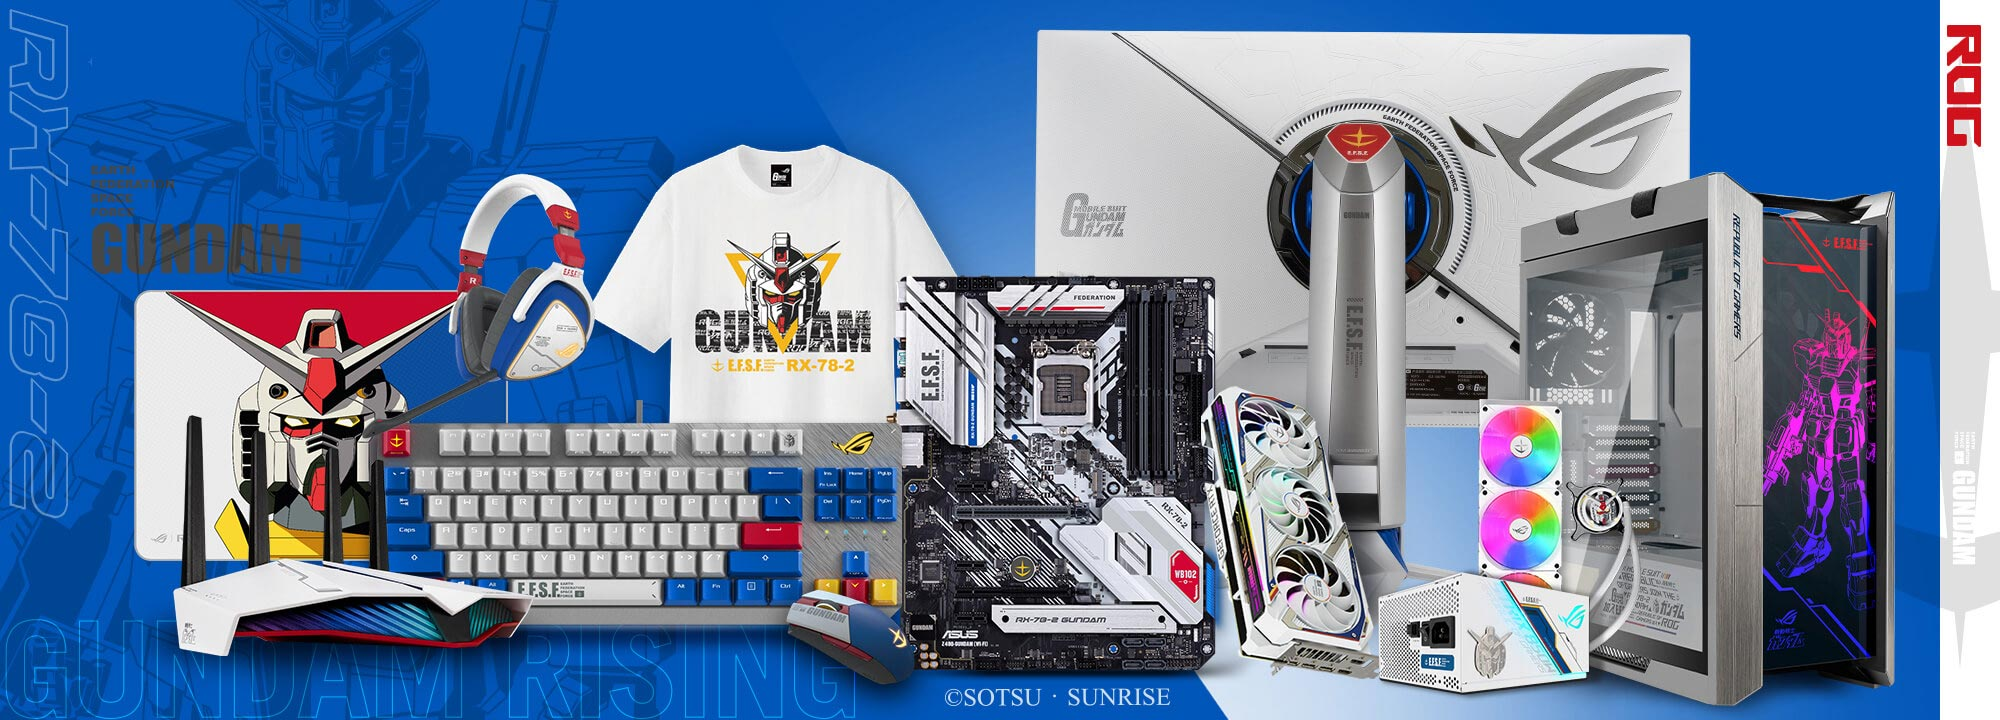 Giới thiệu Tai nghe Asus ROG Delta Gundam LTD